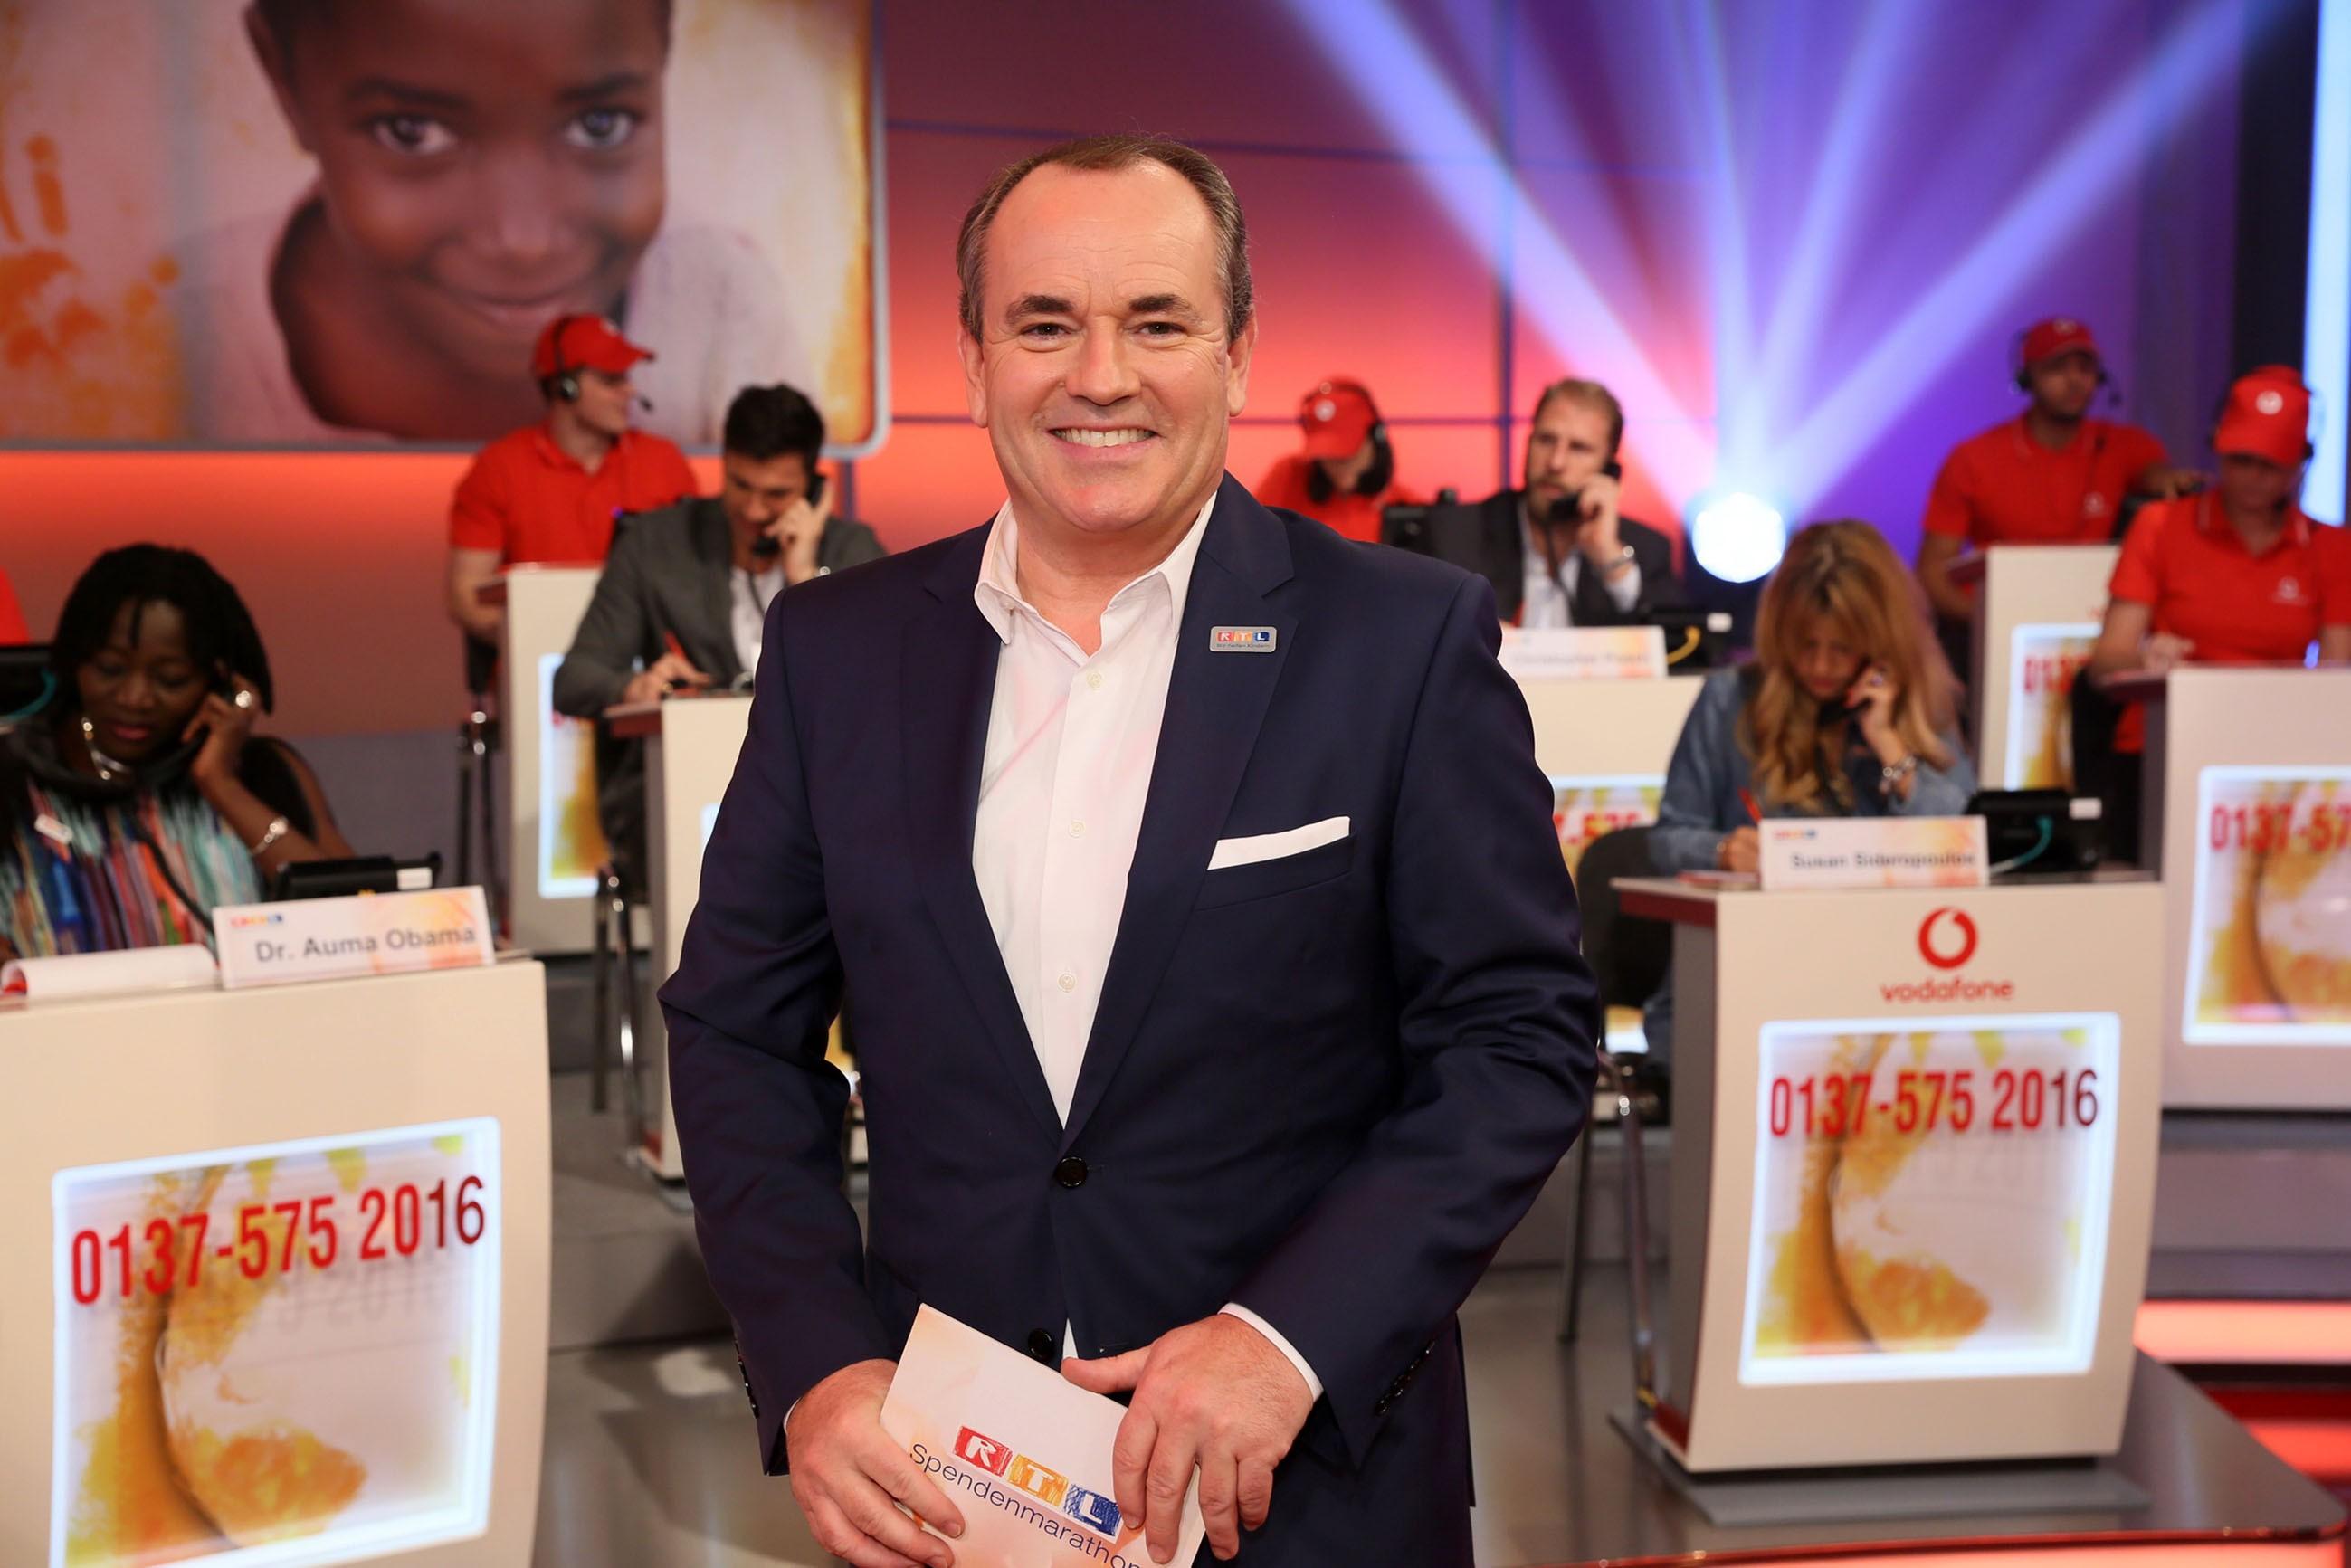 'RTL Spendenmarathon 2018' - Viele Stars im Einsatz für Not leidende Kinder!